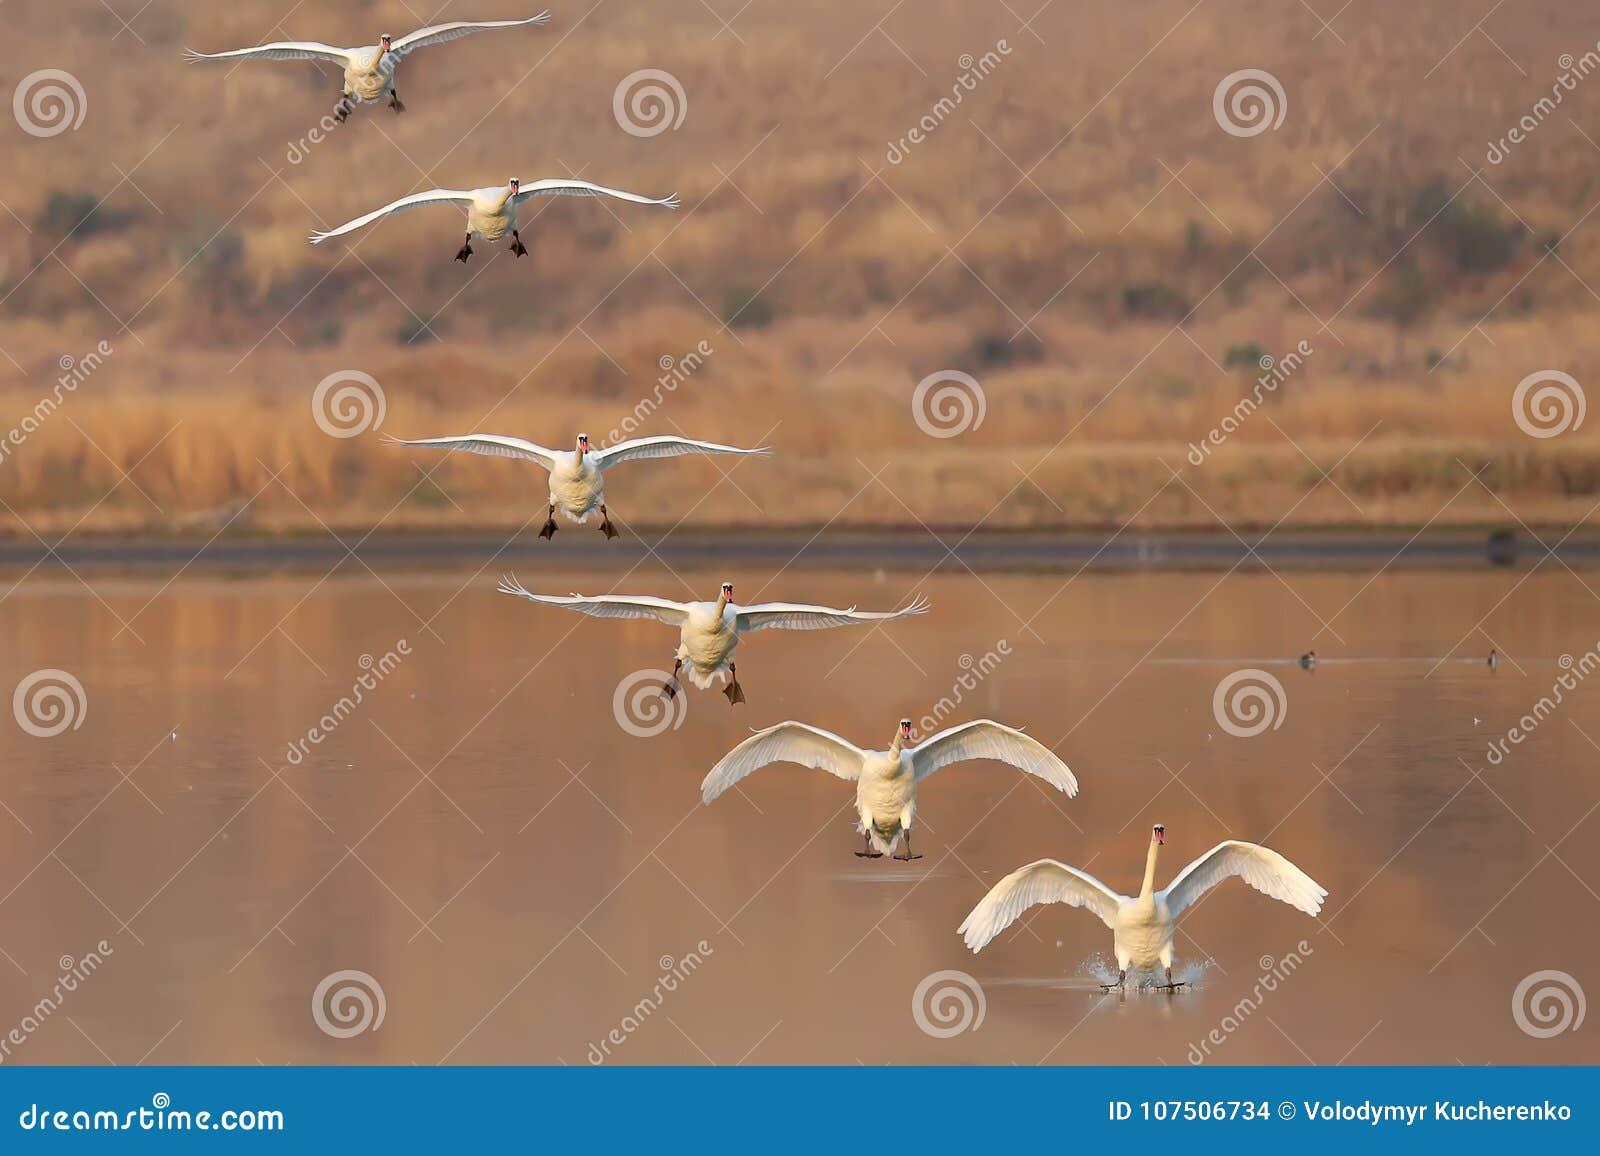 Colagem de diversos quadros de uma aterrissagem de uma cisne